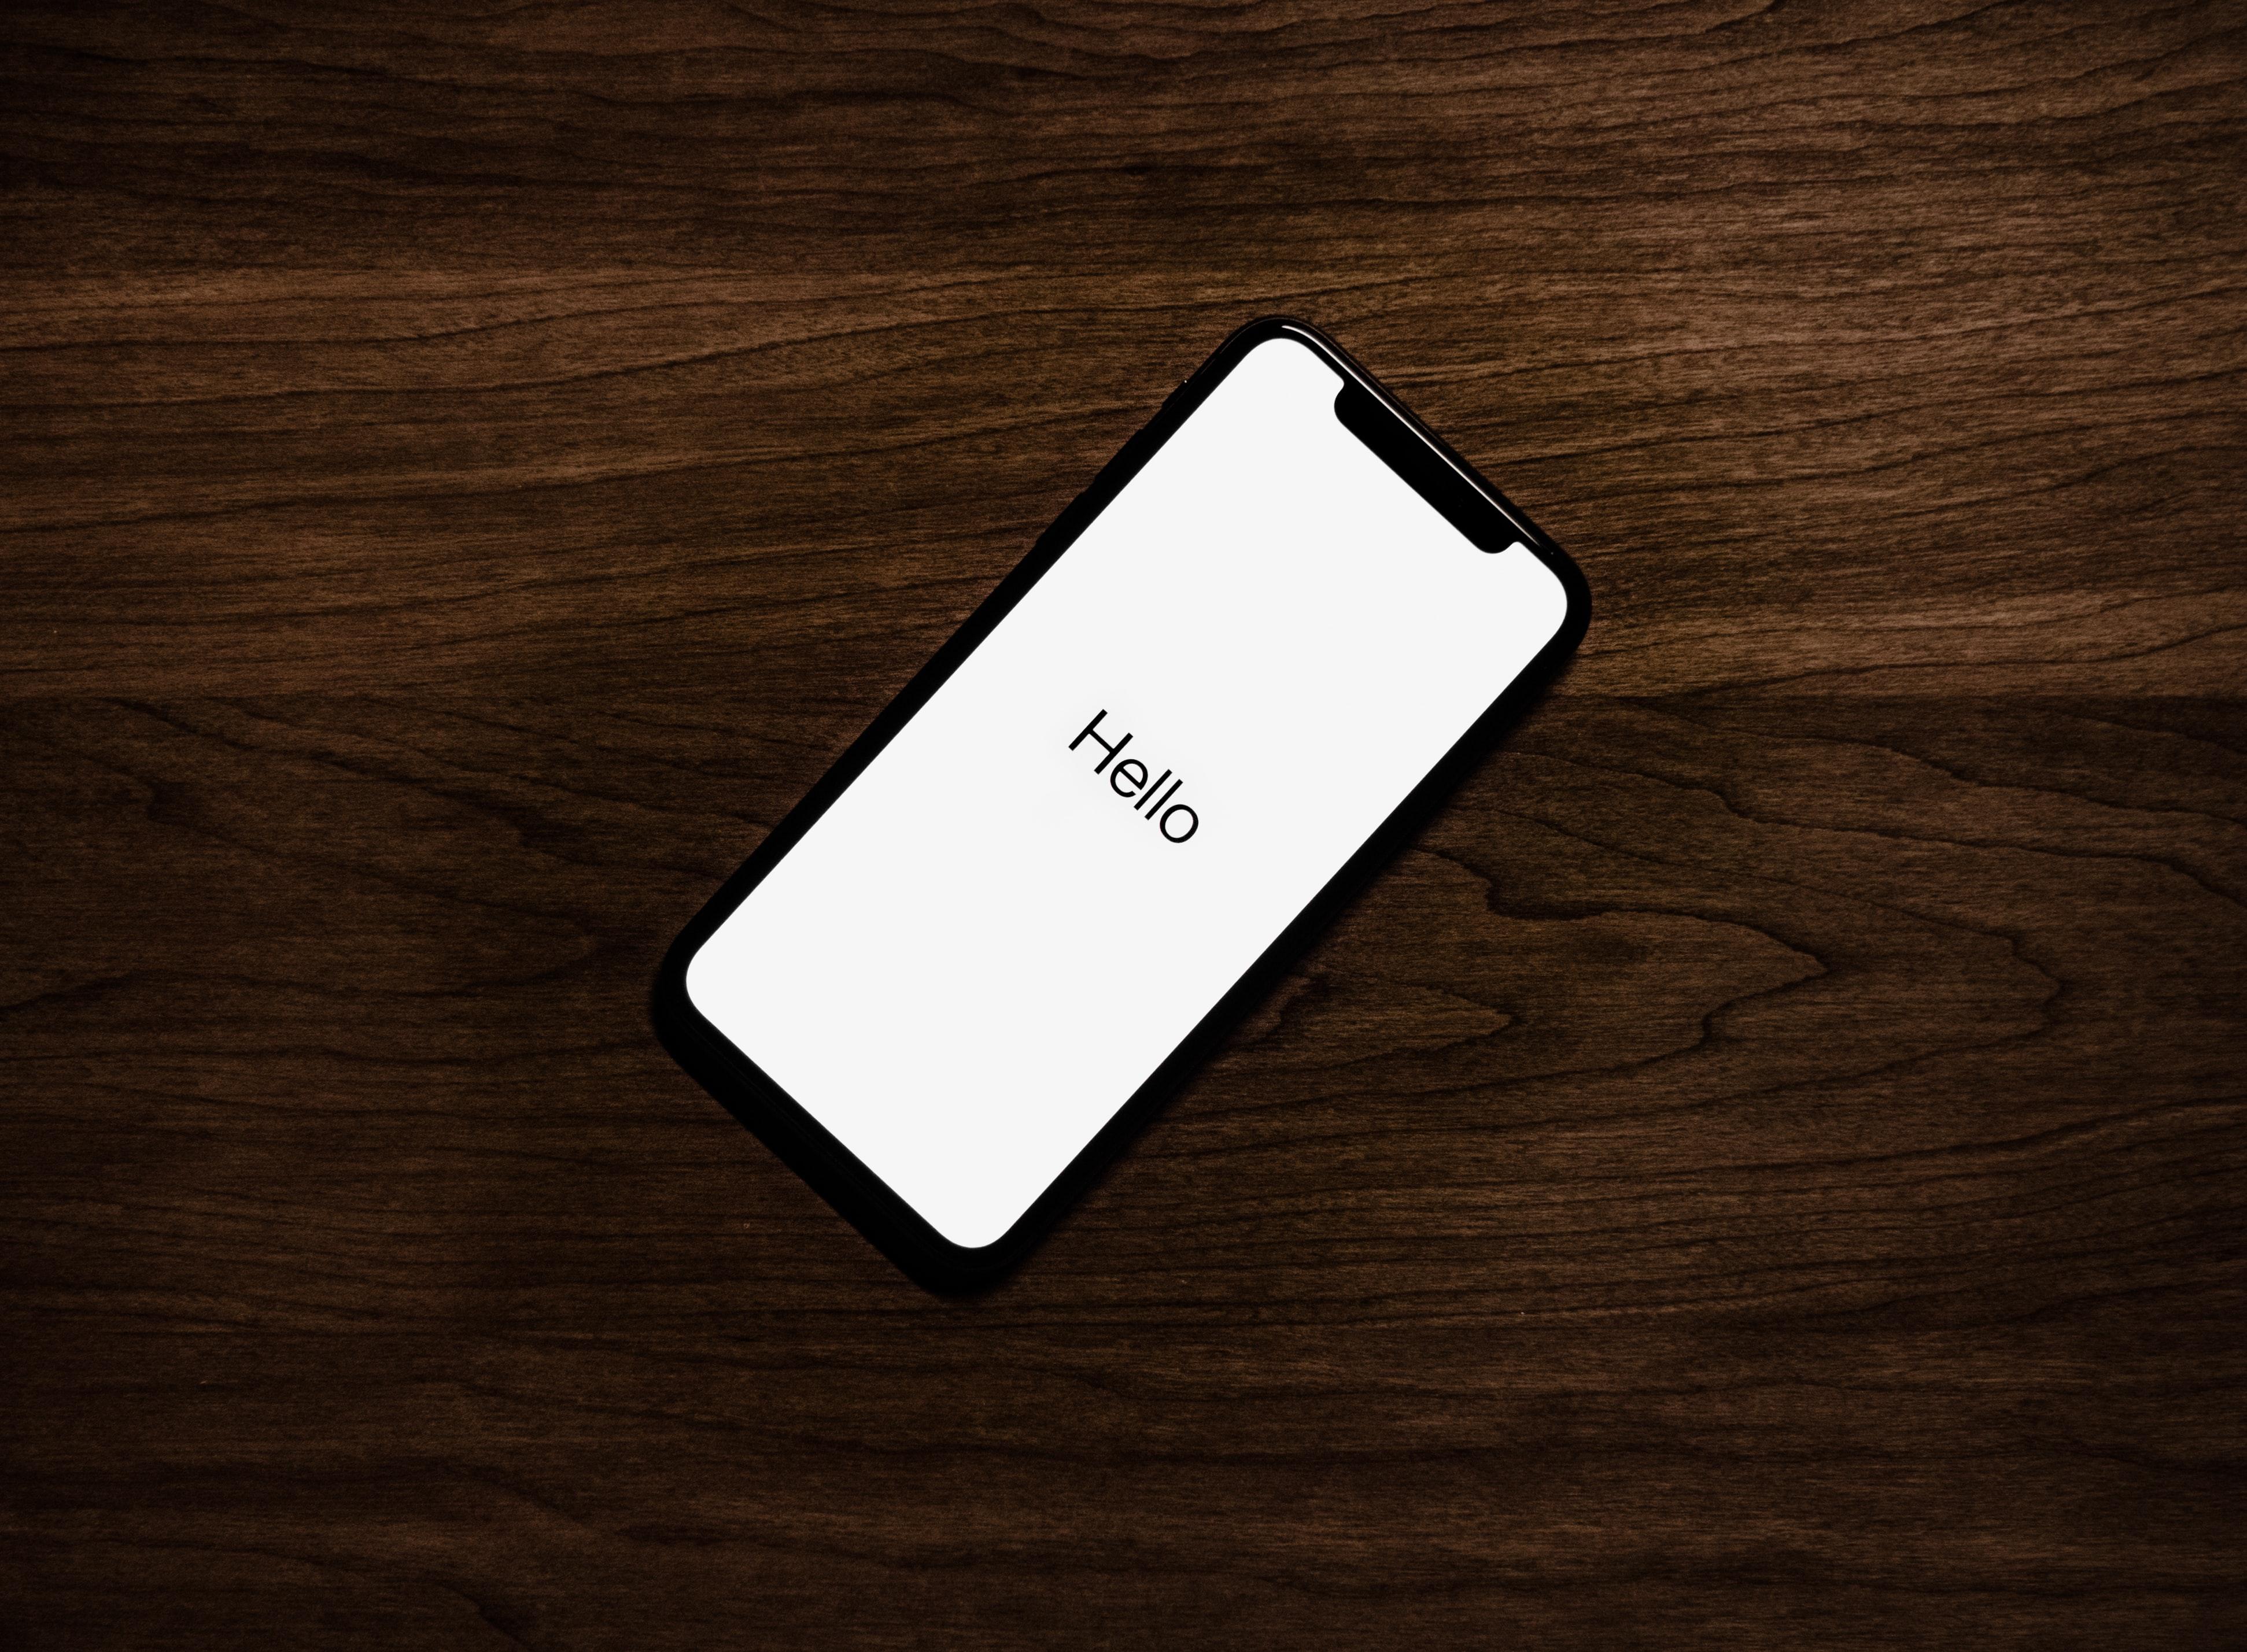 Kvalitetsreparation af mobiltelefoner